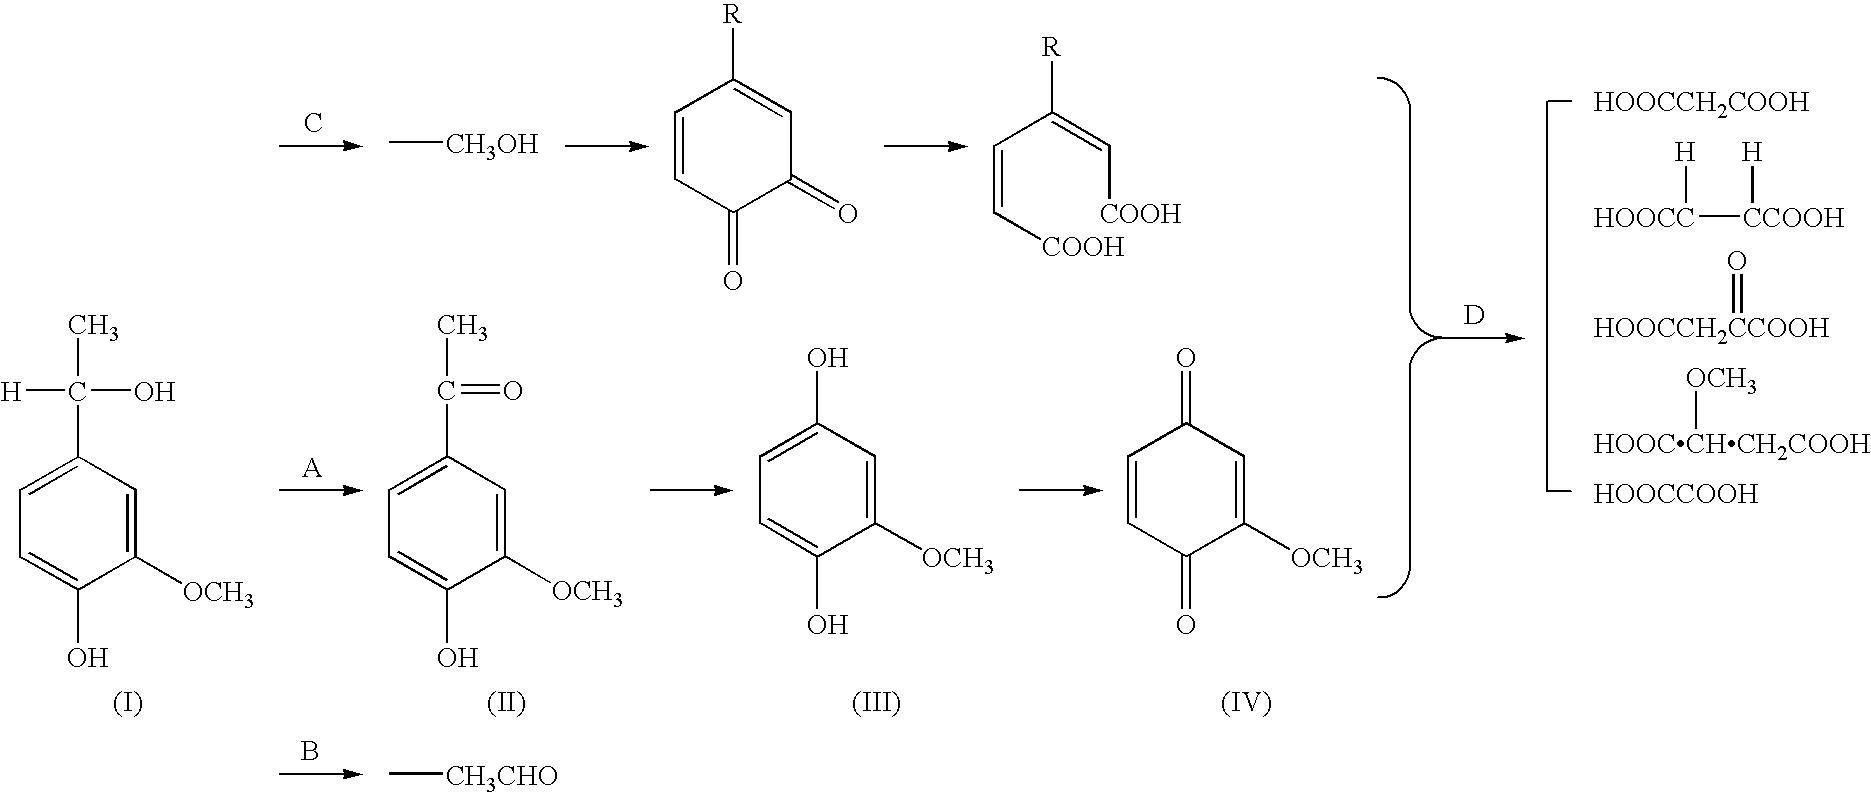 Figure US20070272377A1-20071129-C00002